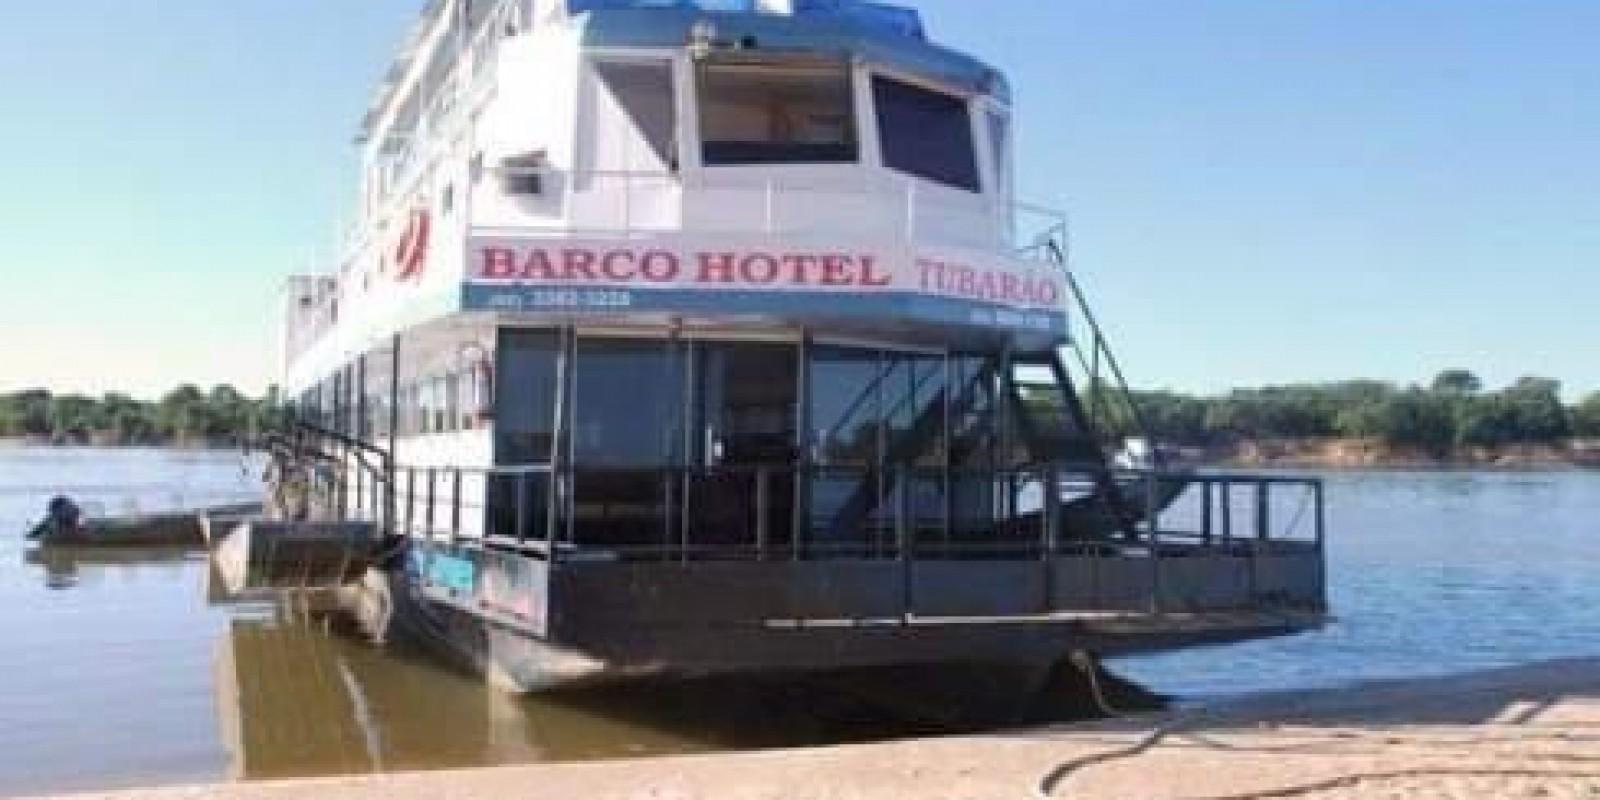 BARCO HOTEL TUBARÃO / LUIZ ALVES - Foto 4 de 10